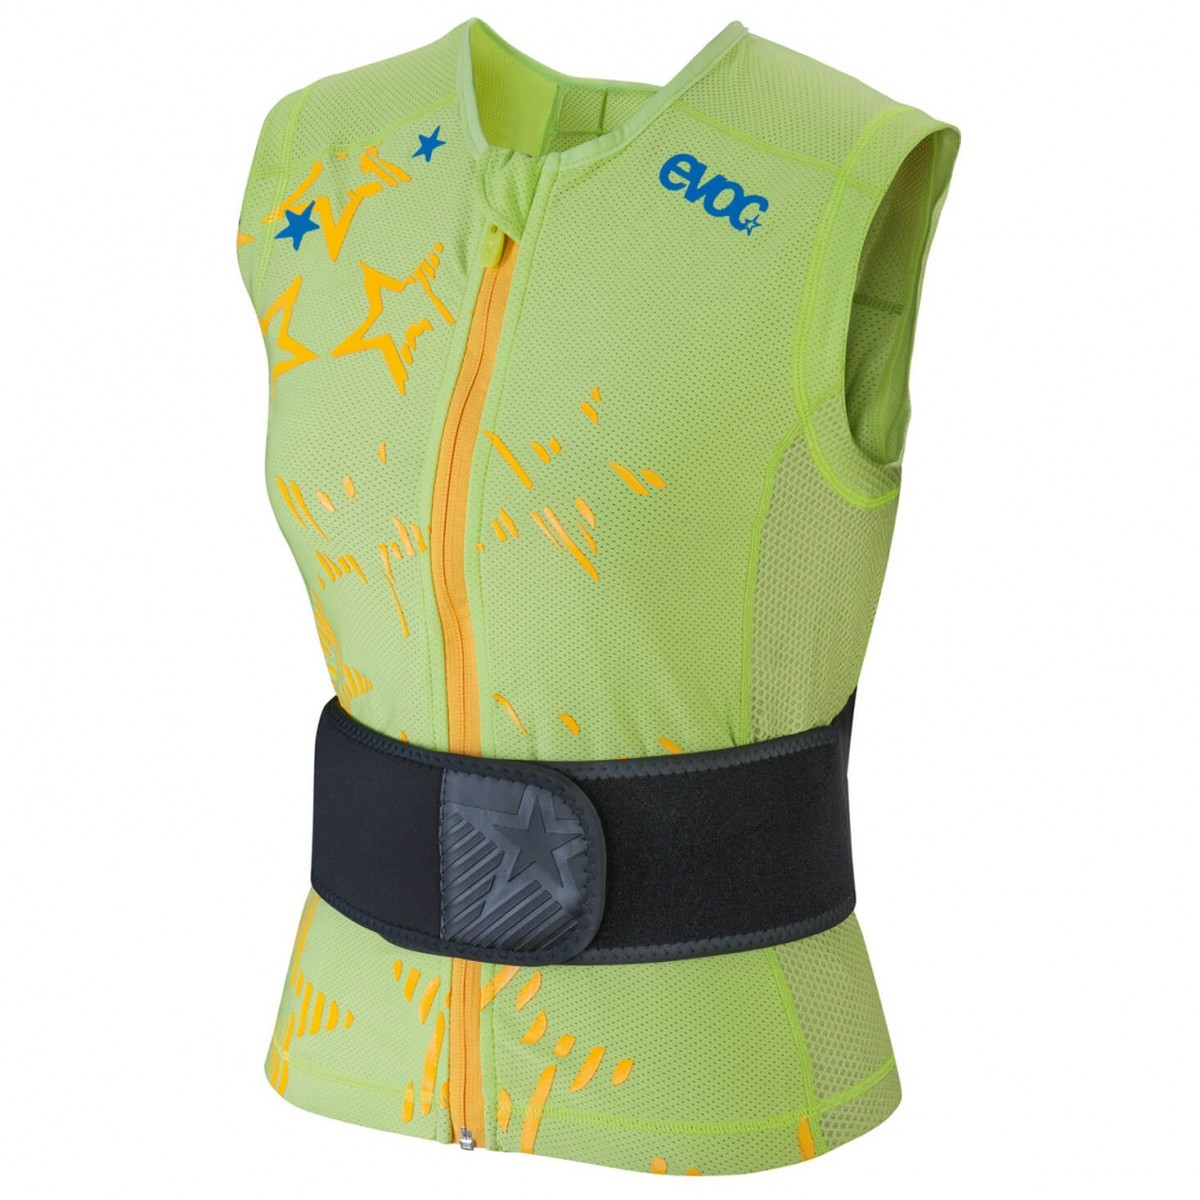 Evoc イーボック イーボック Evoc Women's Protector Vest Vest Lite(Lime), カーテンカーテン:29771ea5 --- officewill.xsrv.jp